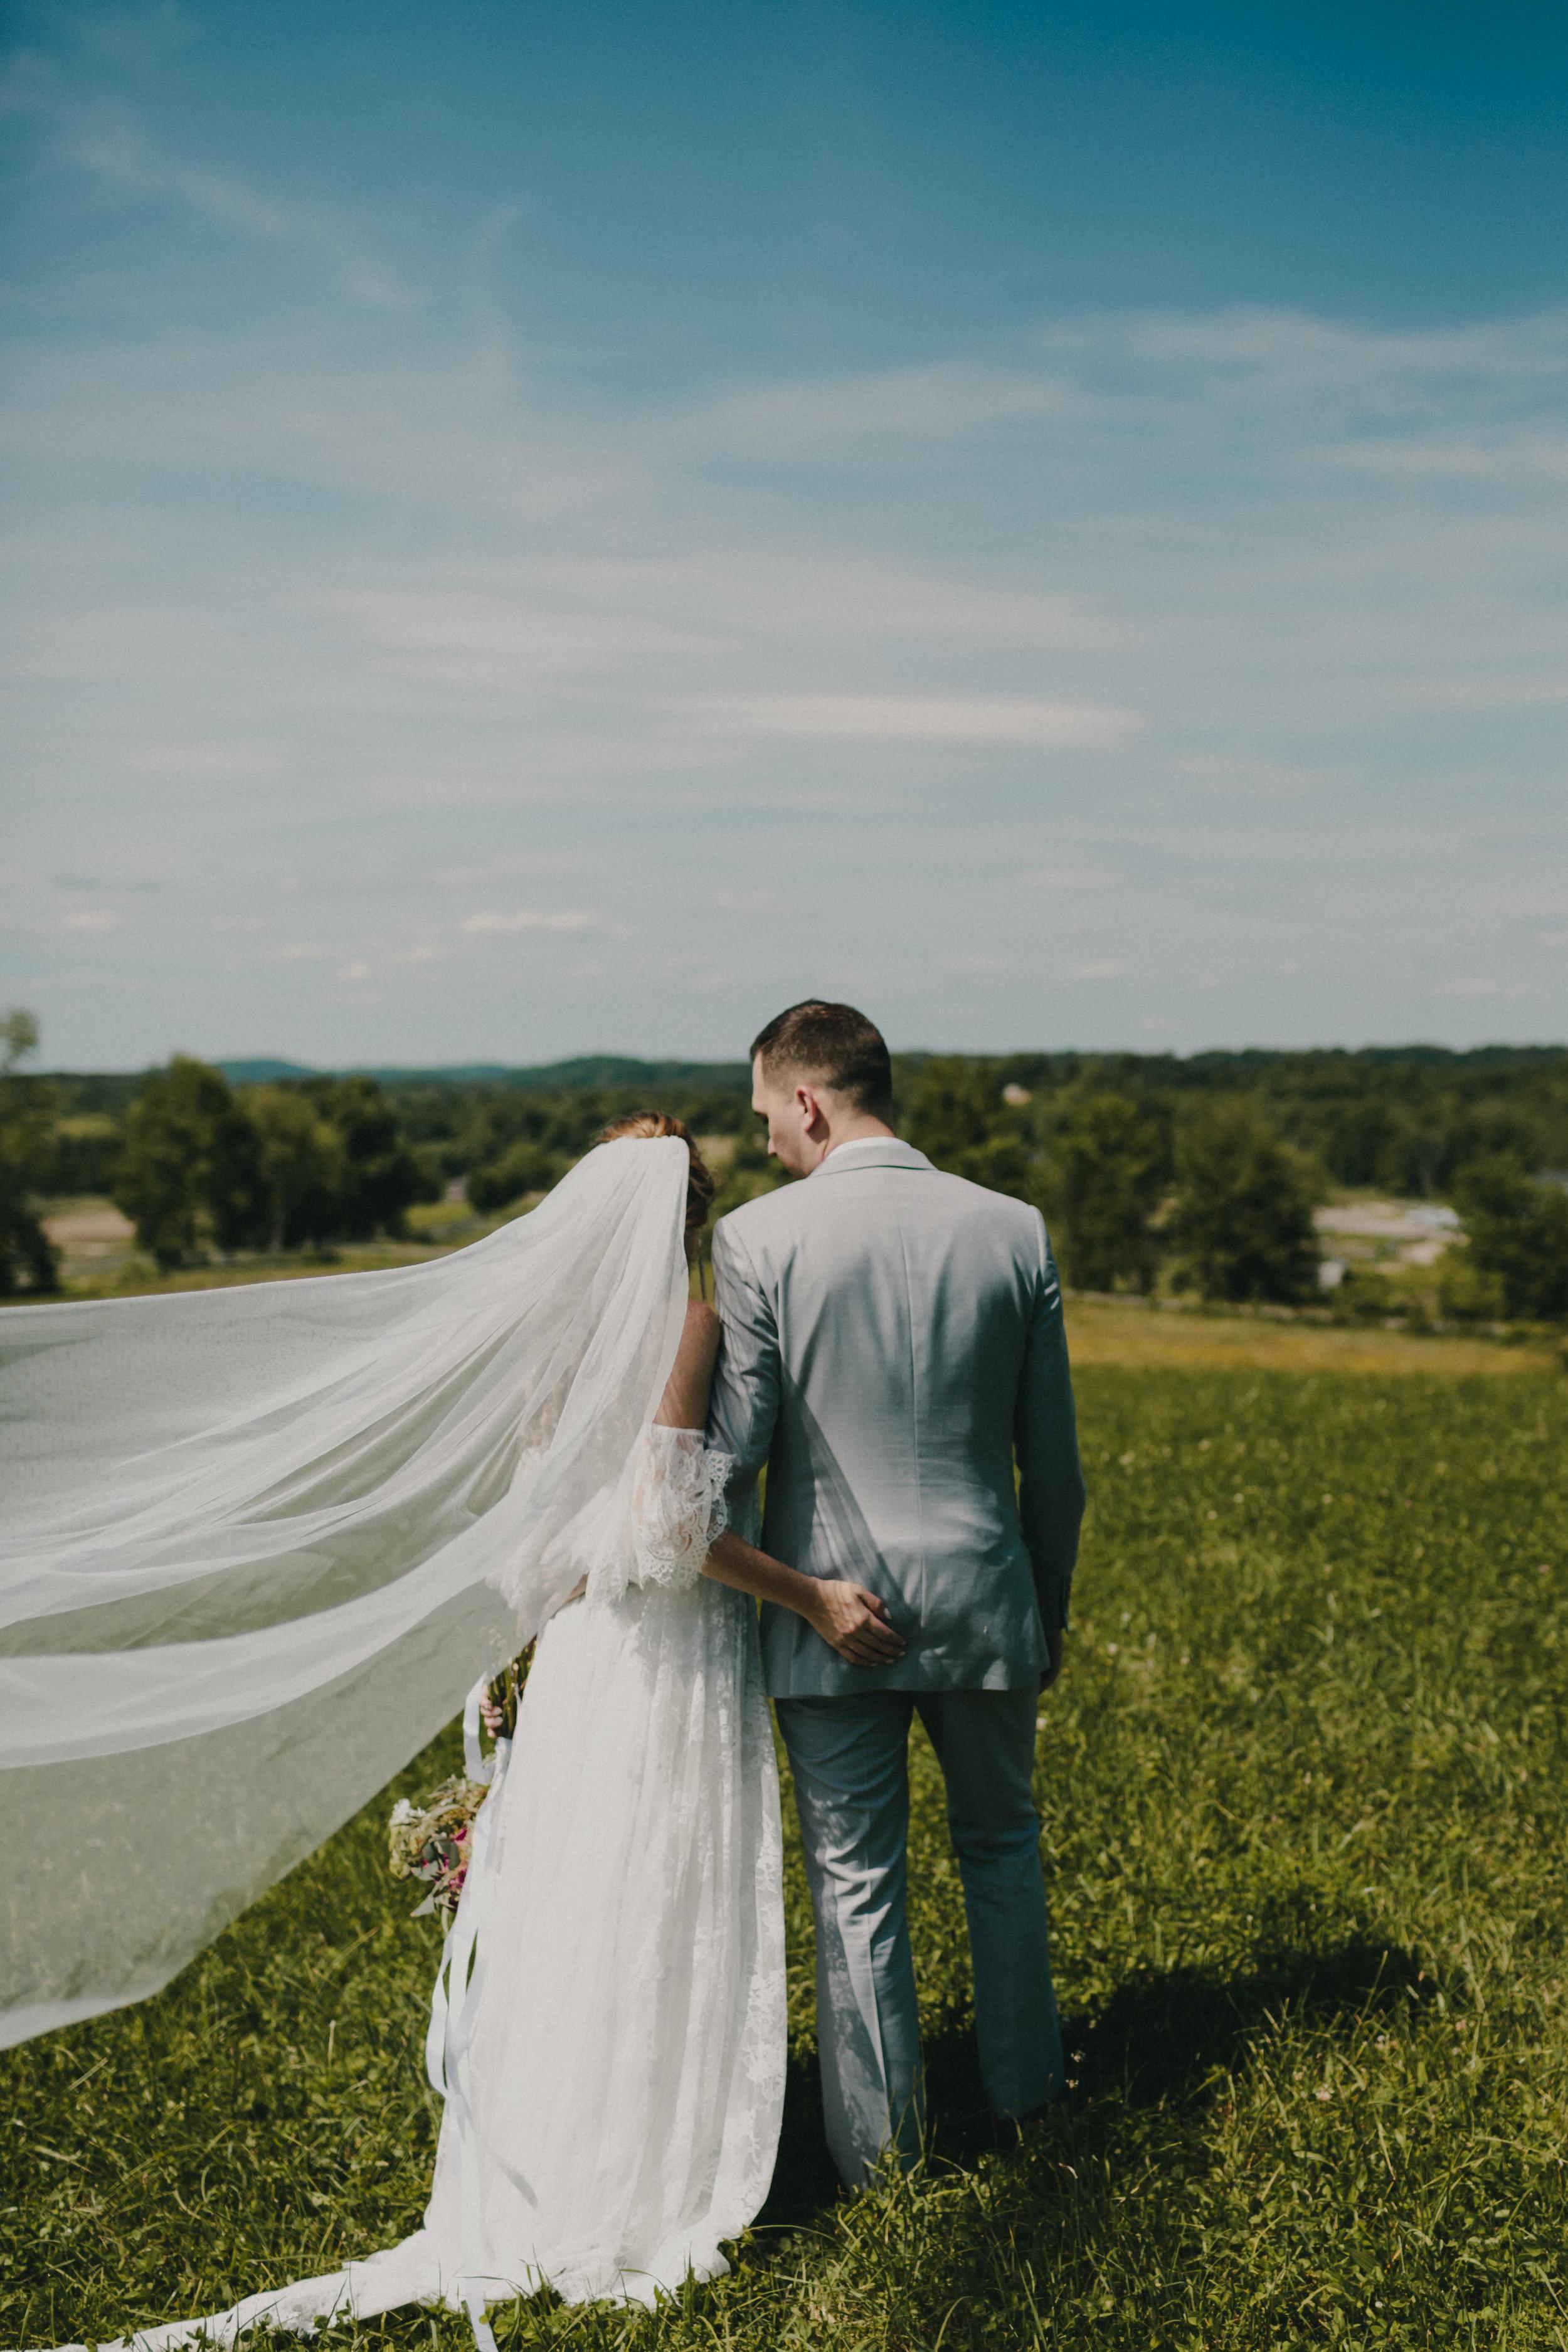 311-20180616-Amanda_Brett_Catskills_Summer_Boho_Wedding.jpg